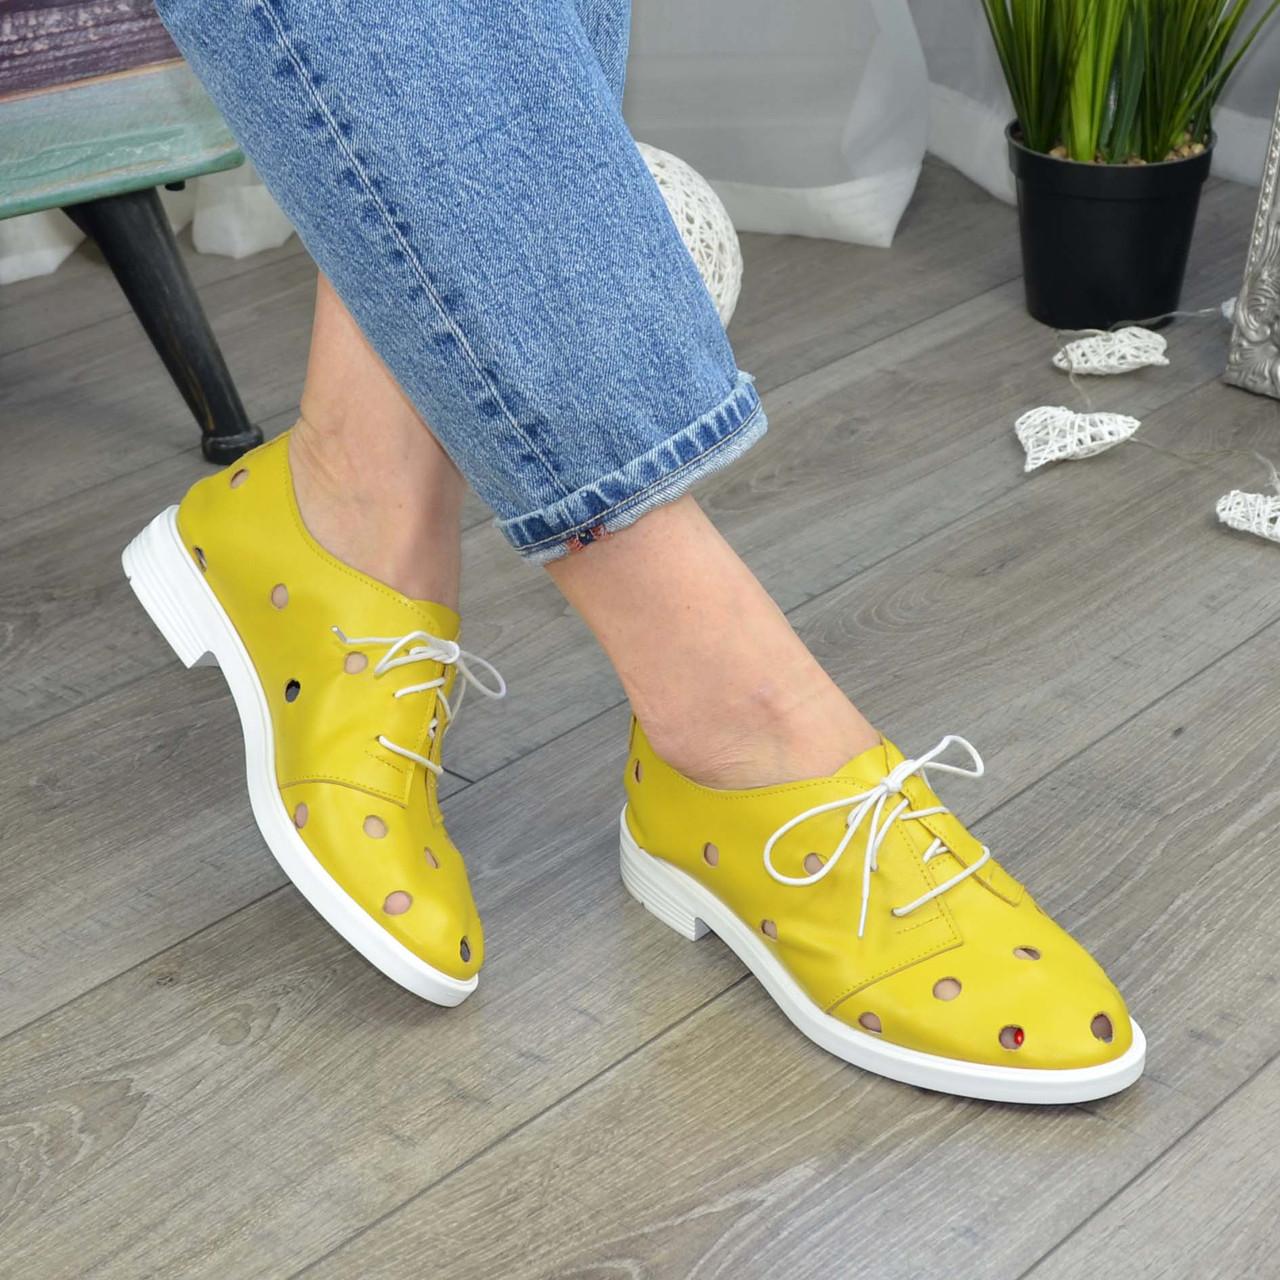 Туфли женские кожаные на тракторной подошве, цвет желтый. Облегченный вариант.